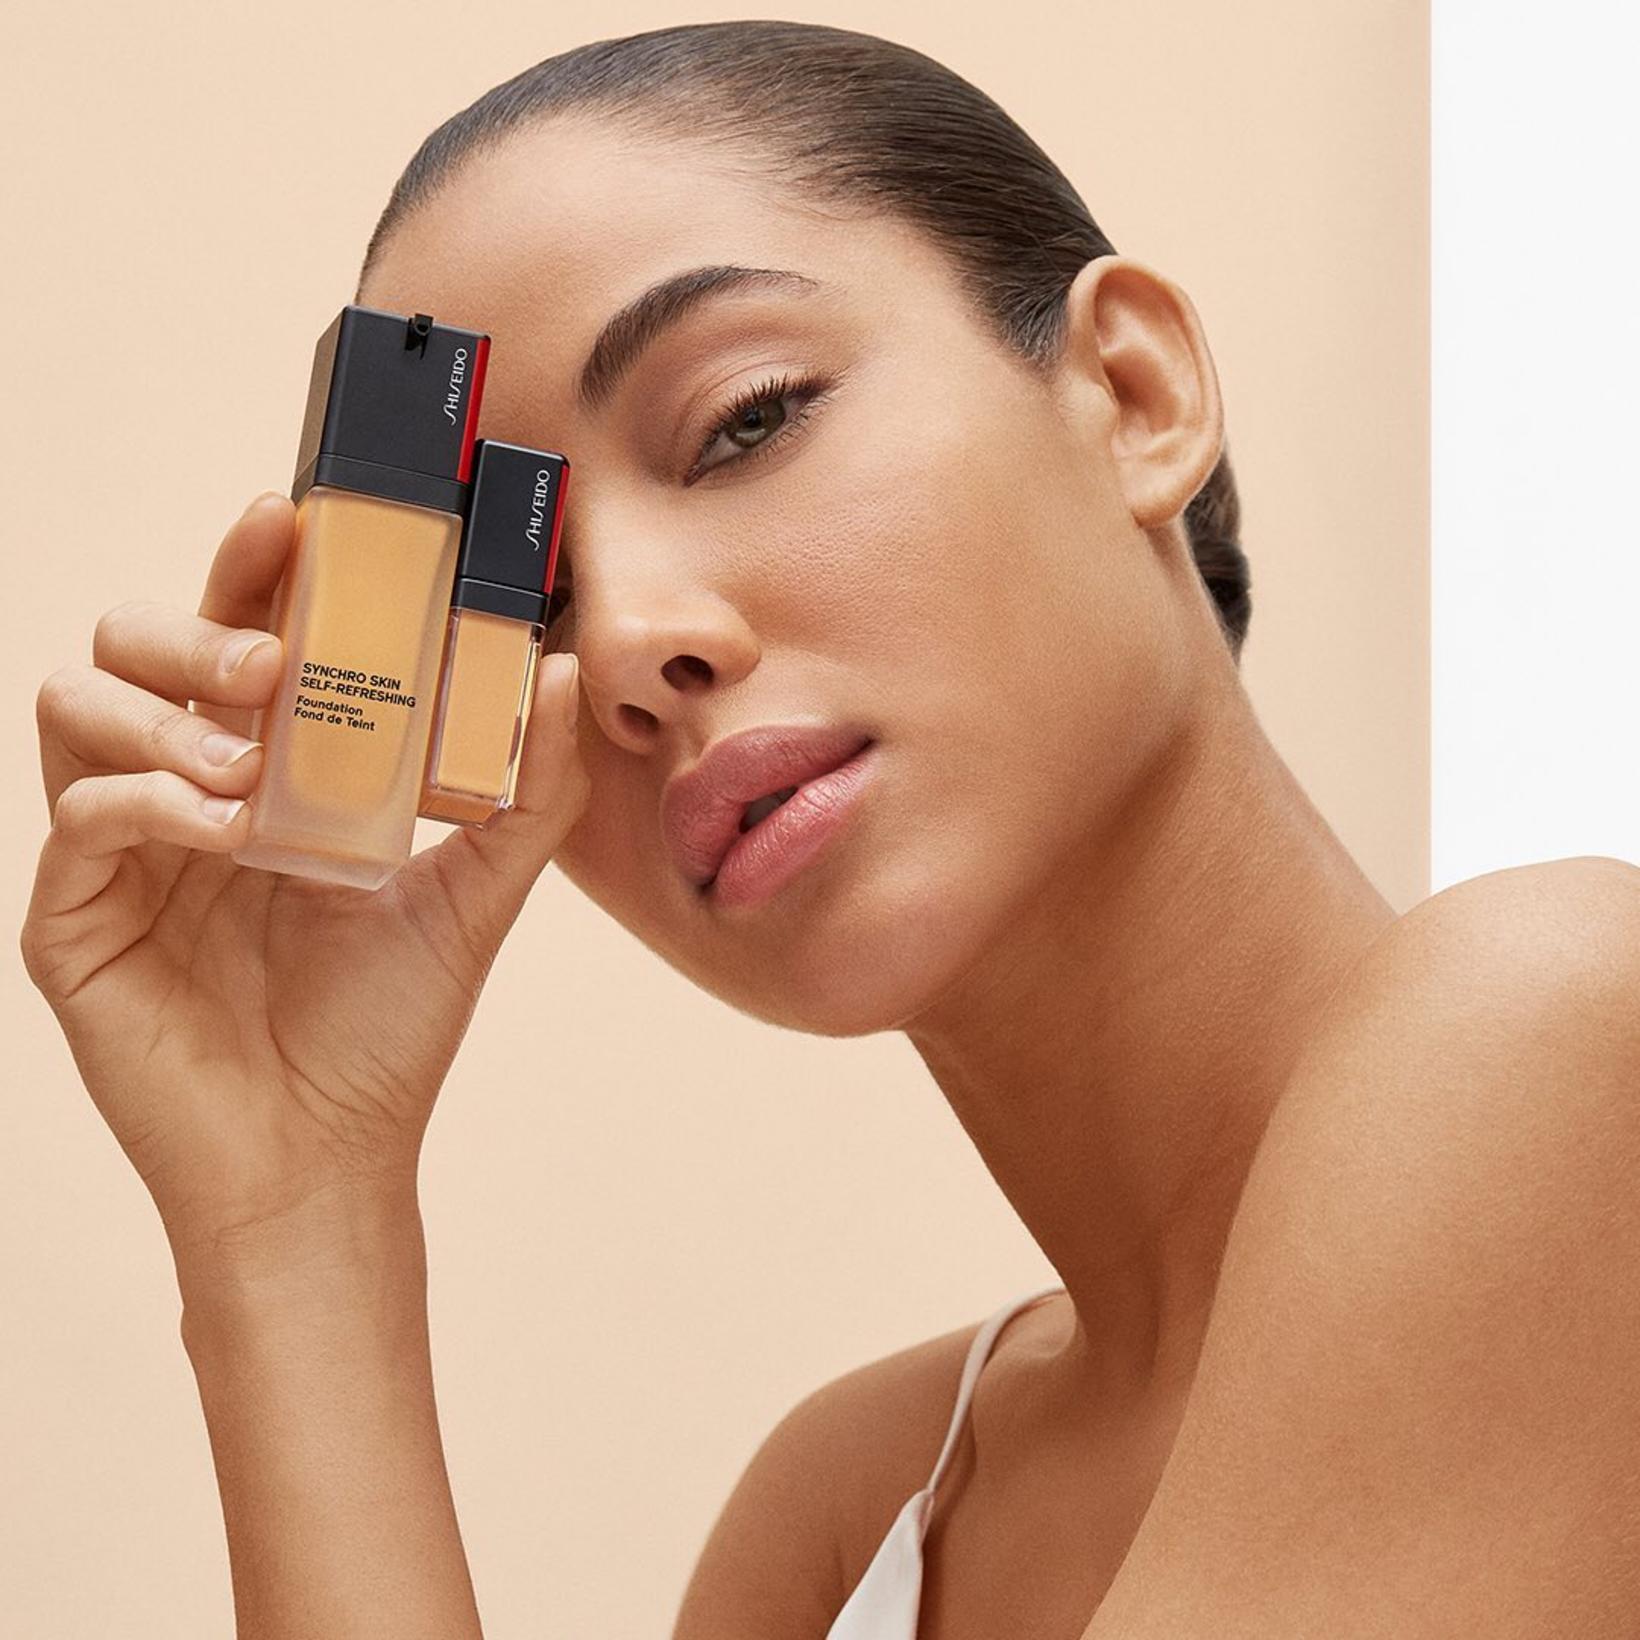 Mikil spenna ríkti fyrir nýjustu farðalínu Shiseido sem býr yfir …